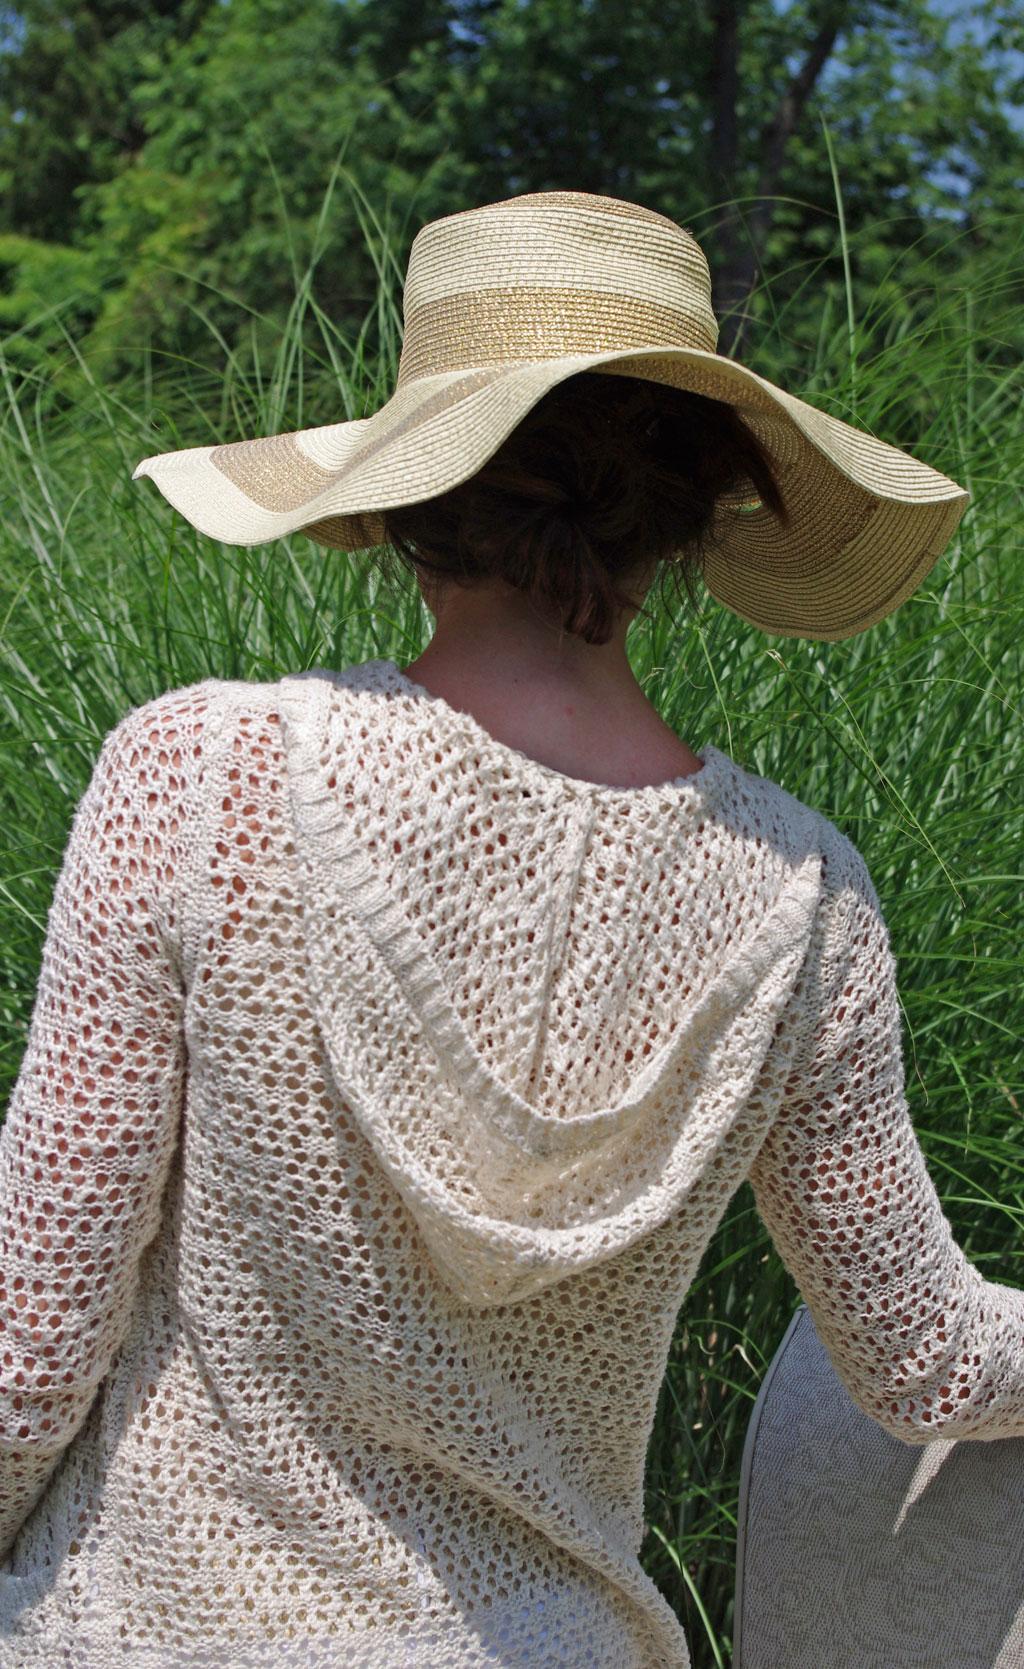 csweater2